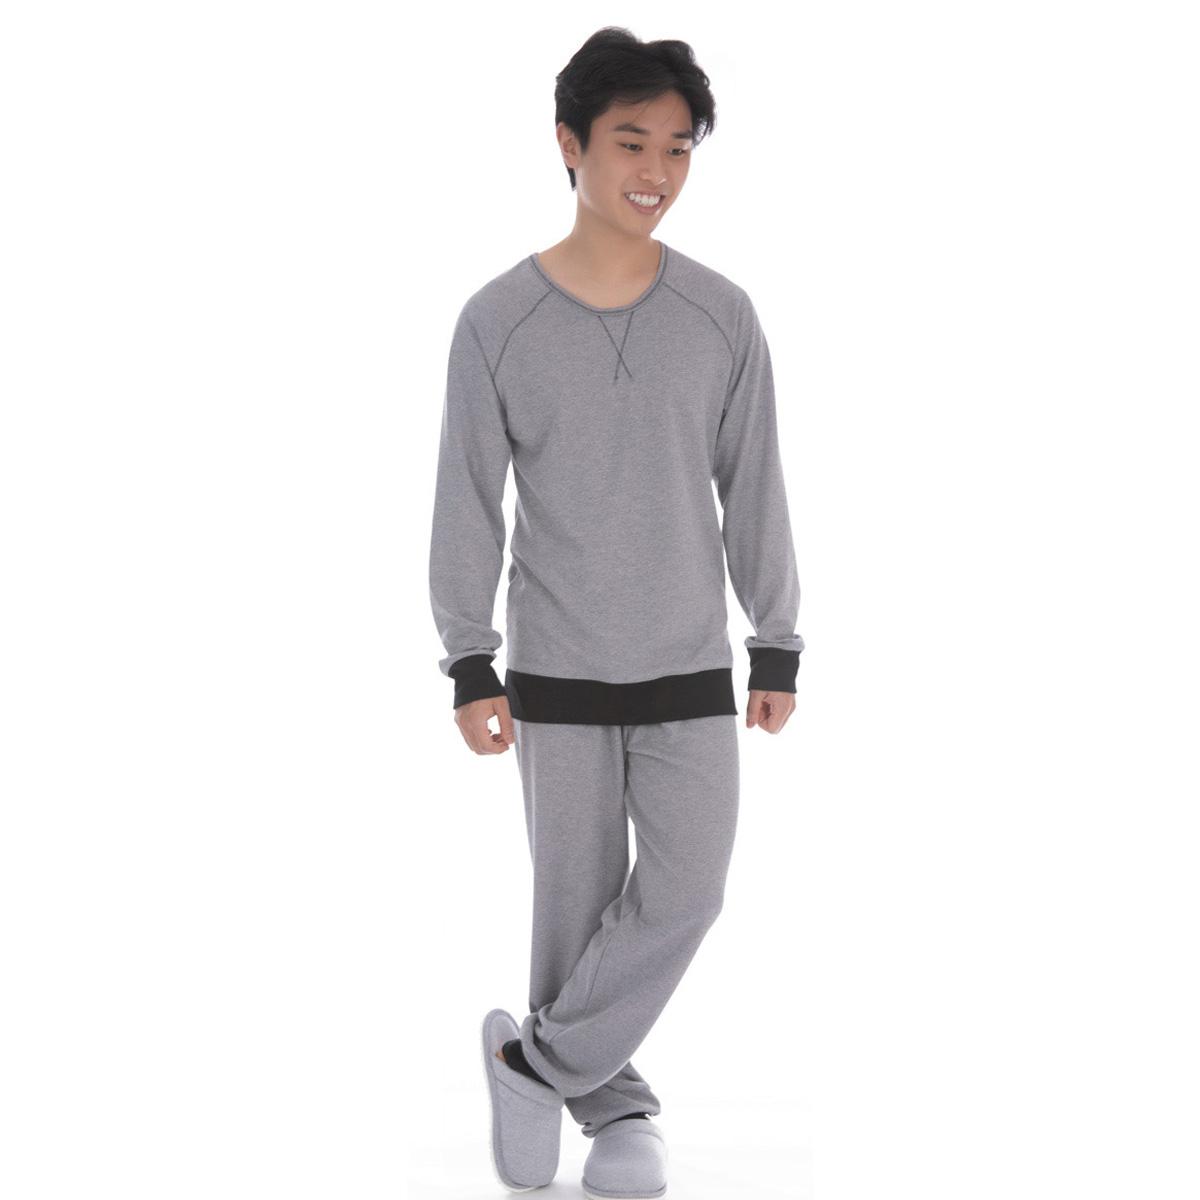 Pijama juvenil para menino de inverno ESTILO Victory